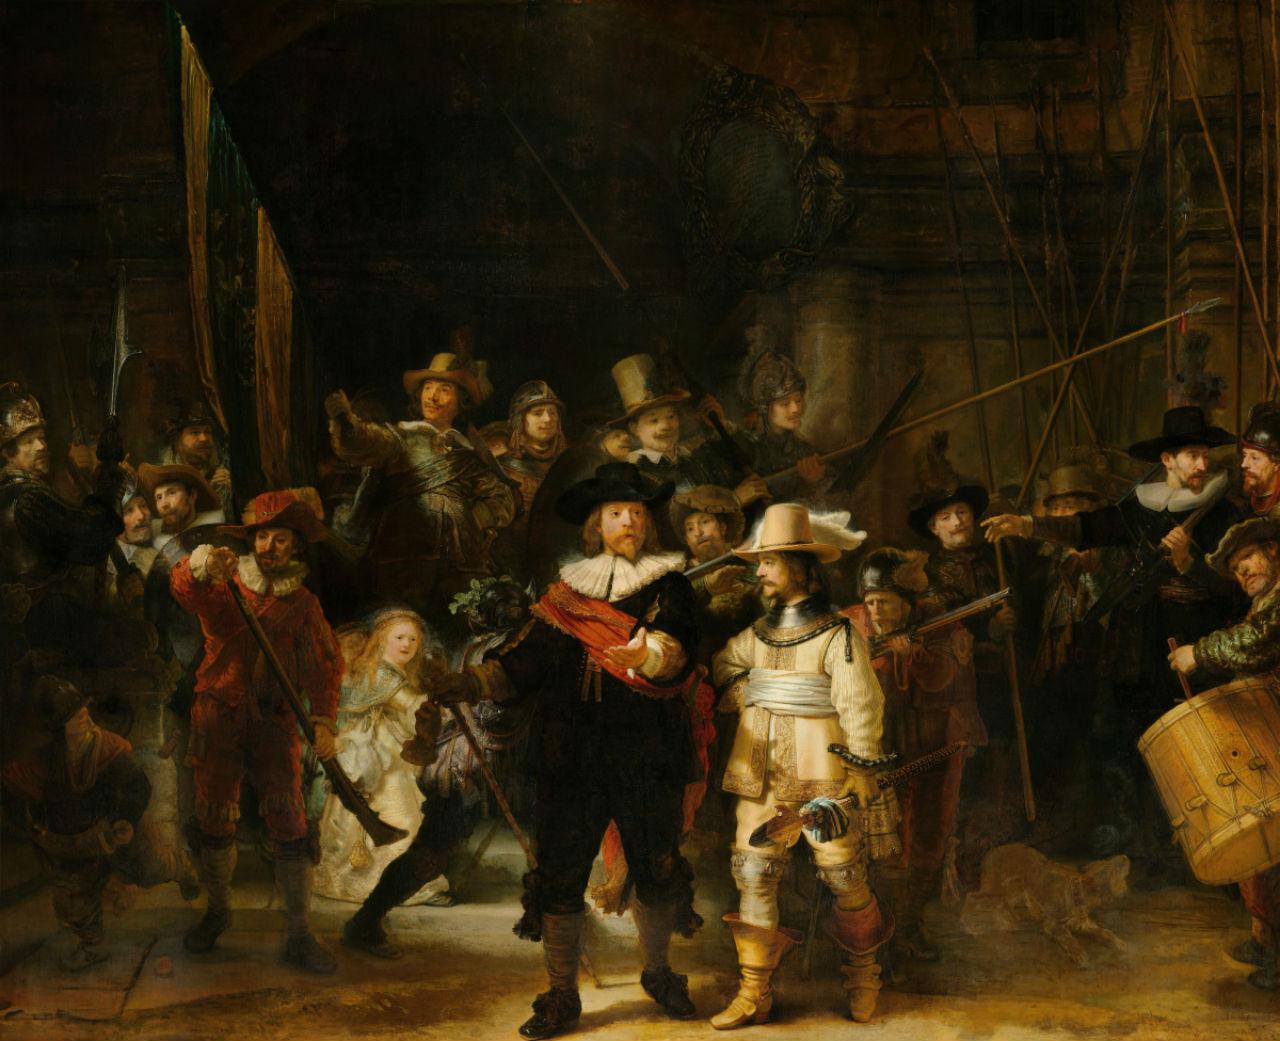 2-Рембрандт Харменс ван Рейн - Ночной дозор или Выступление стрелковой роты капитана Франса Баннинга Кока и лейтенанта Виллема ван Рёйтенбюрга - 1642…